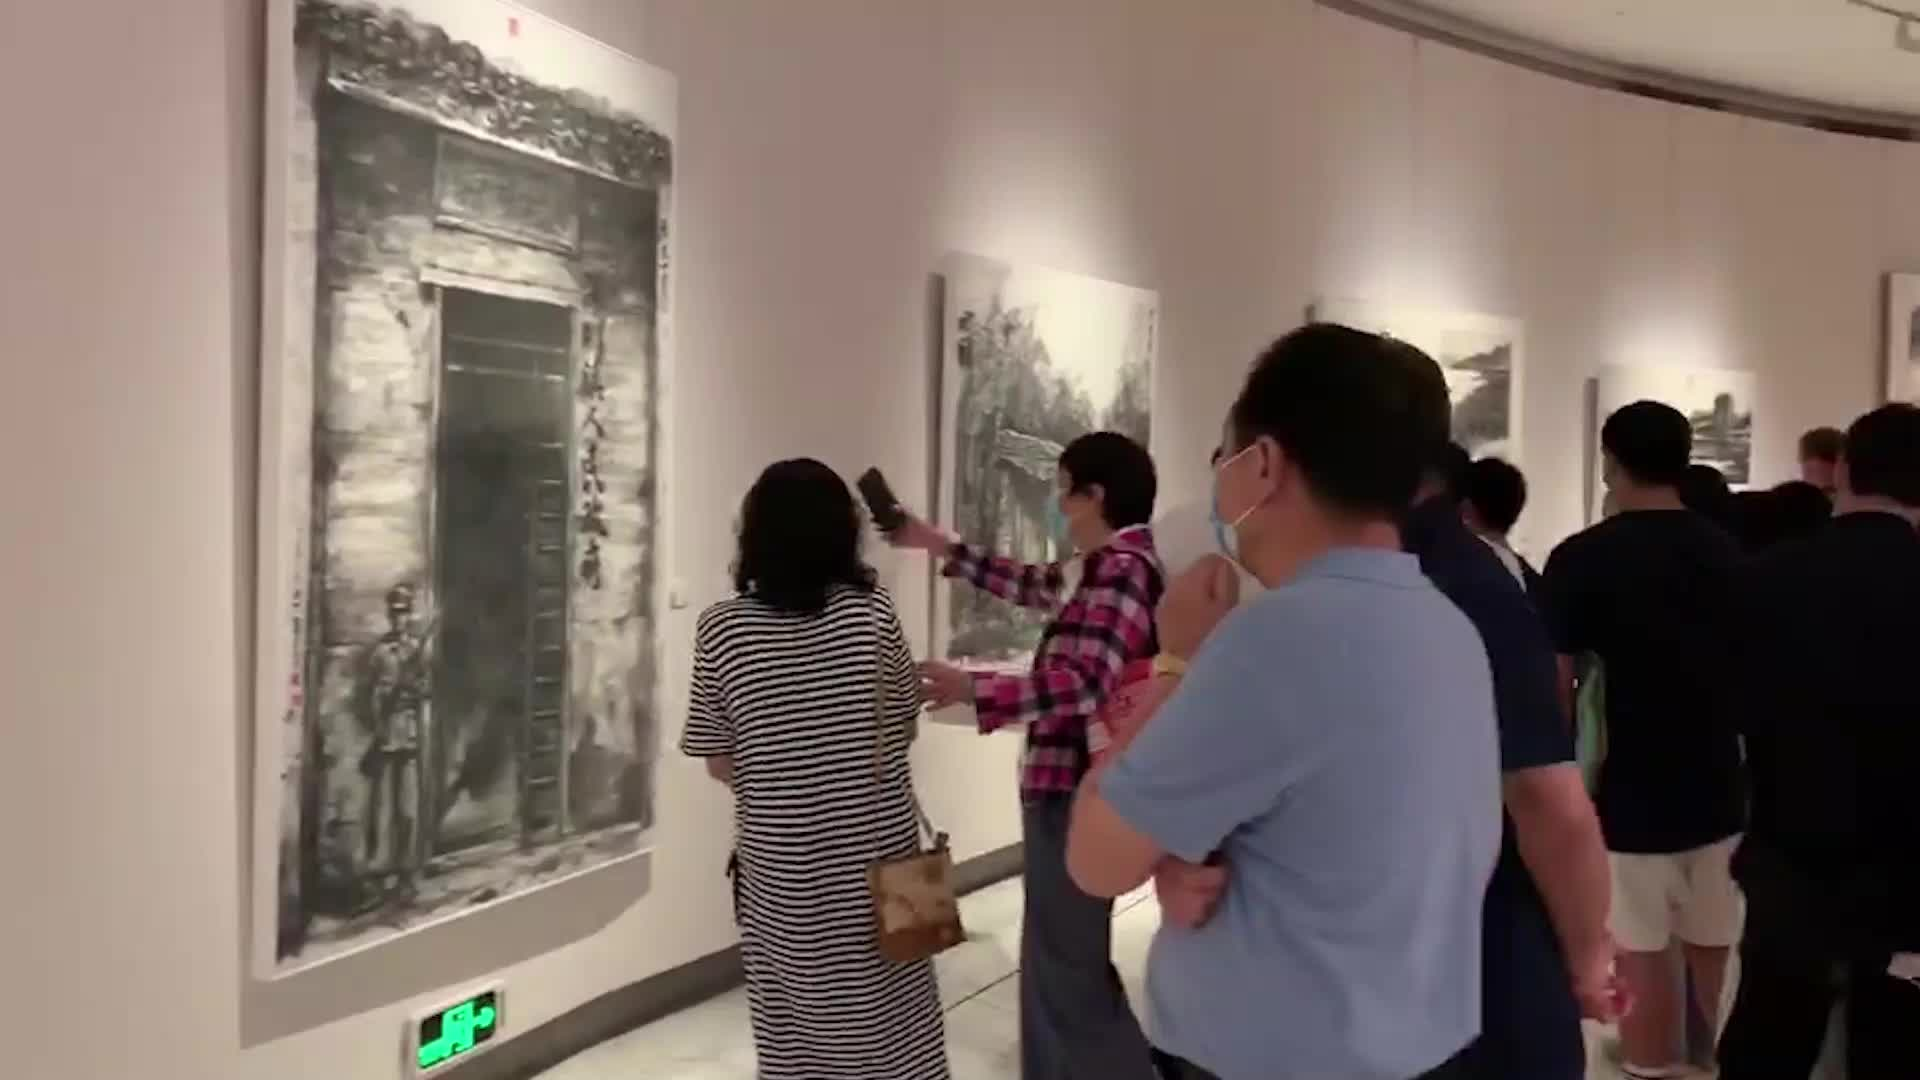 用画笔见证时代发展,艺术家与深圳特区共成长,陆佳个展深圳开幕